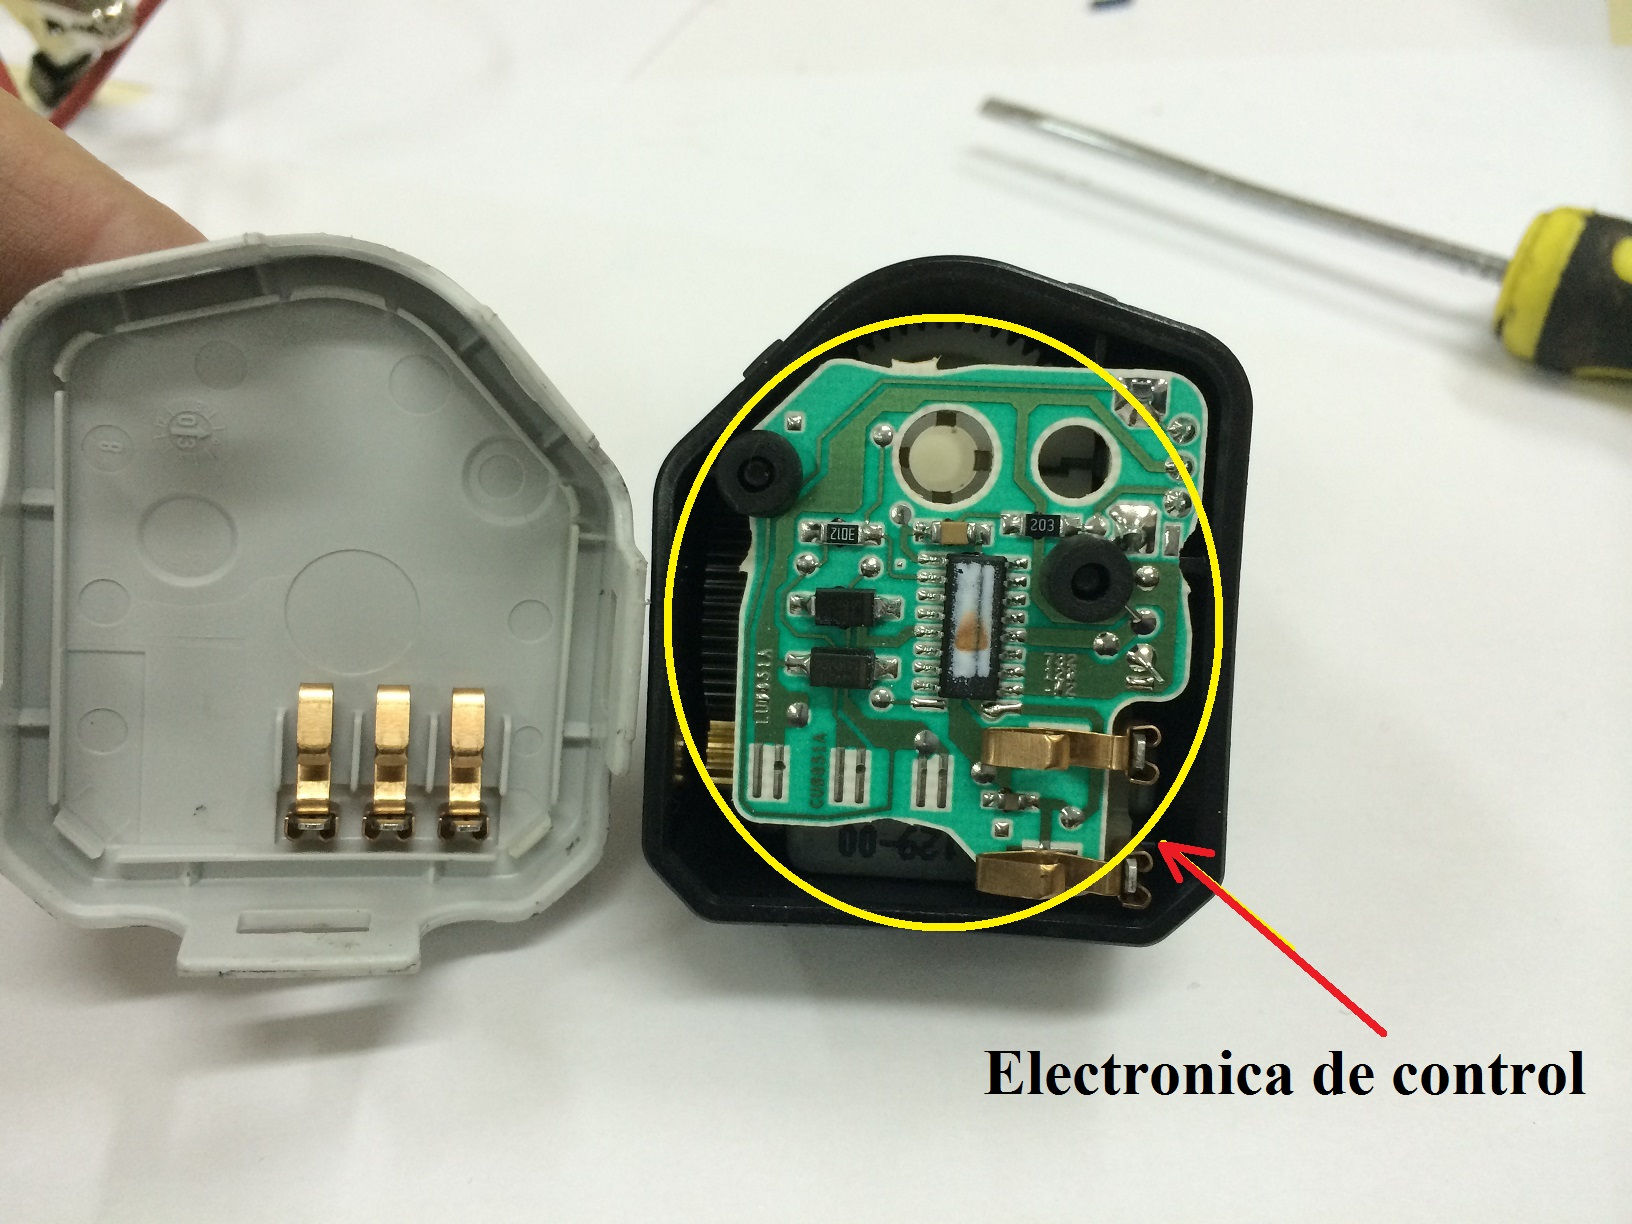 Electronica de control